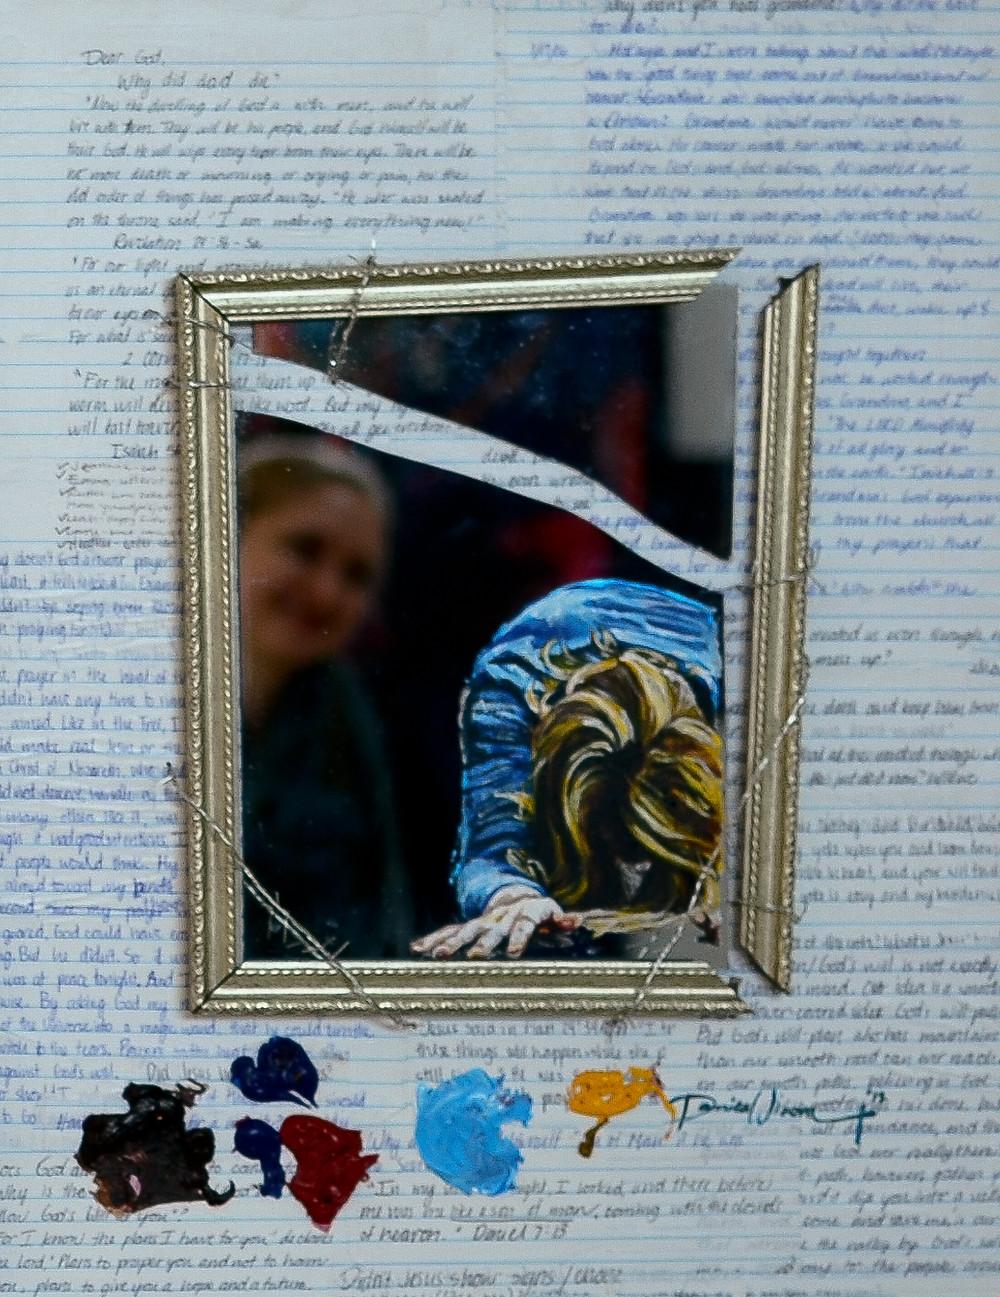 surrender, bowing, mirror, broken mirror, unanswered questions, grief, why